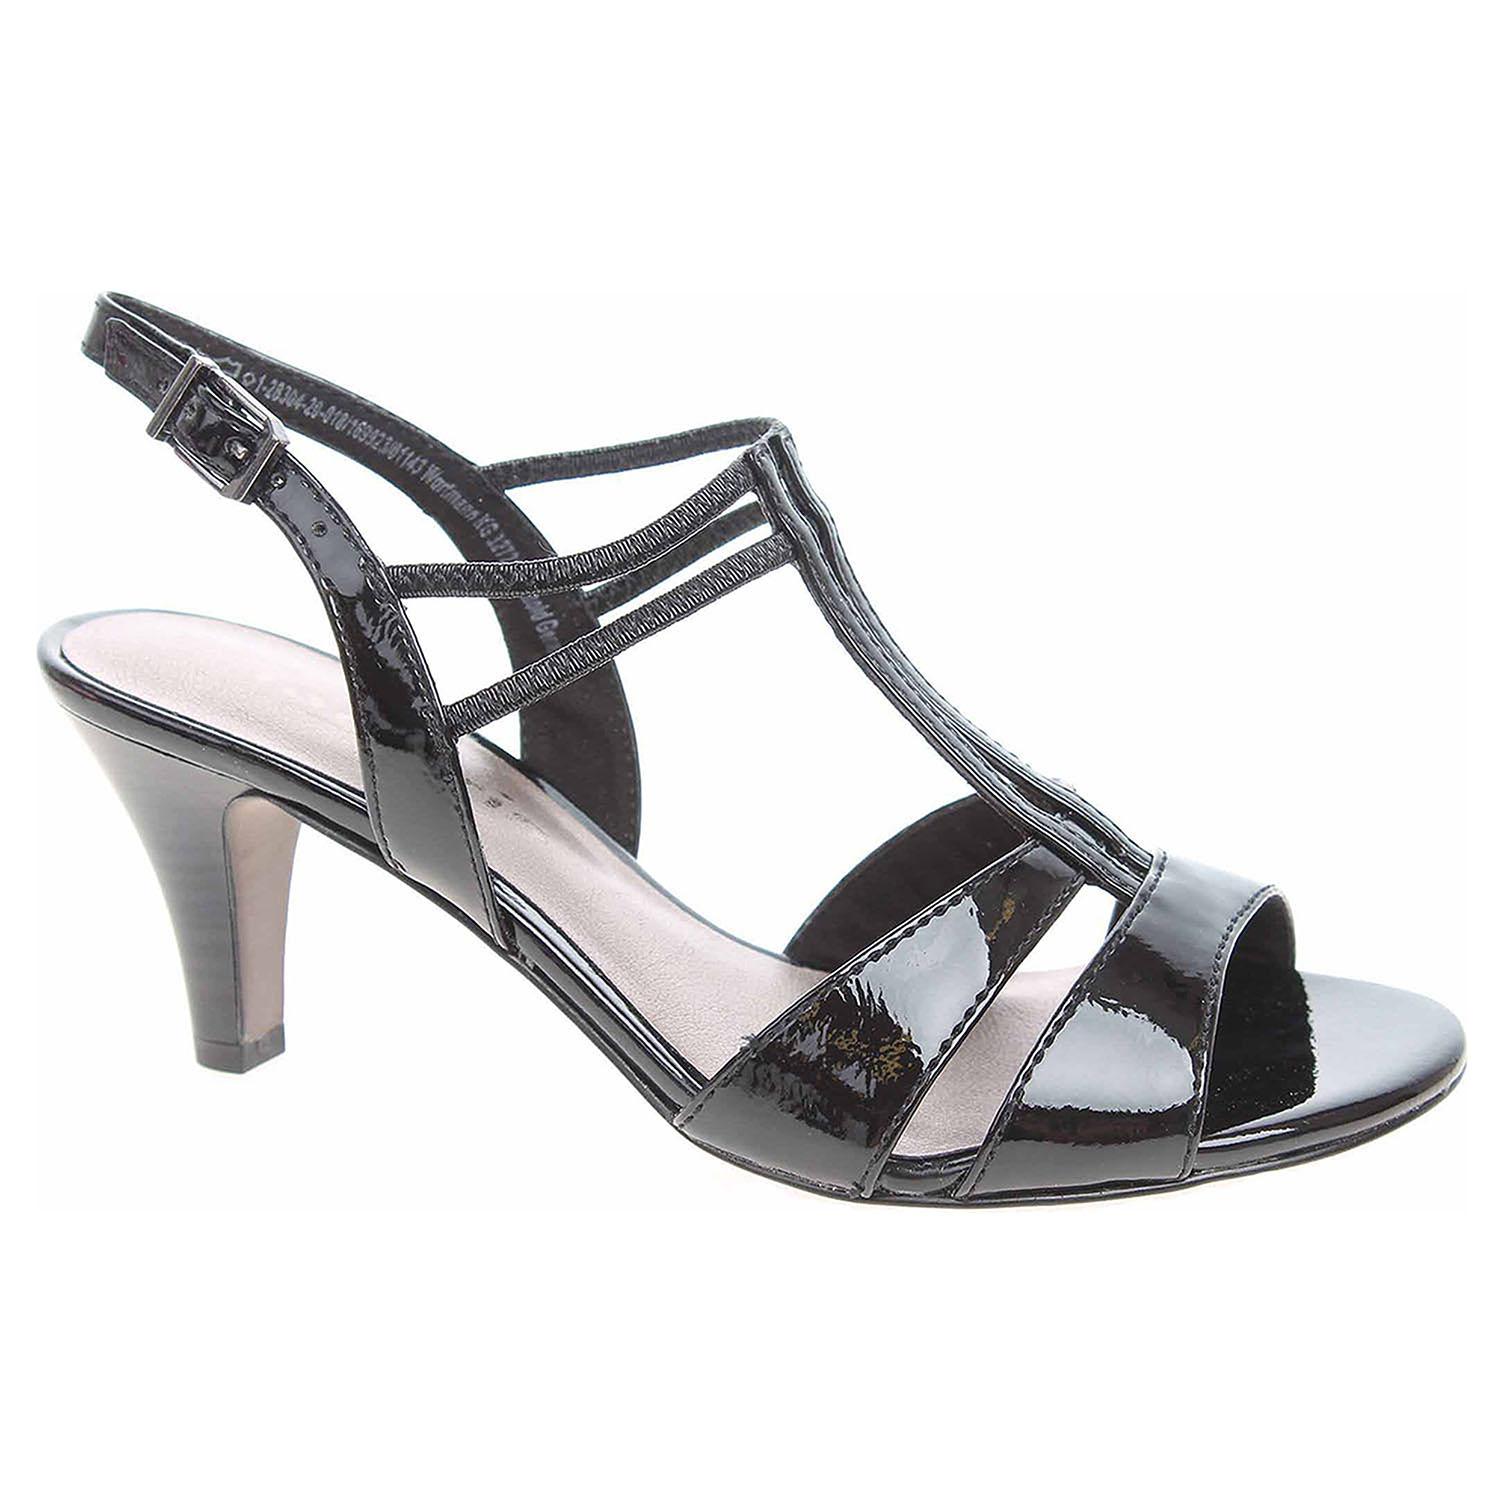 Dámská společenská obuv Tamaris 1-28304-22 black patent 1-1-28304-22 018 39